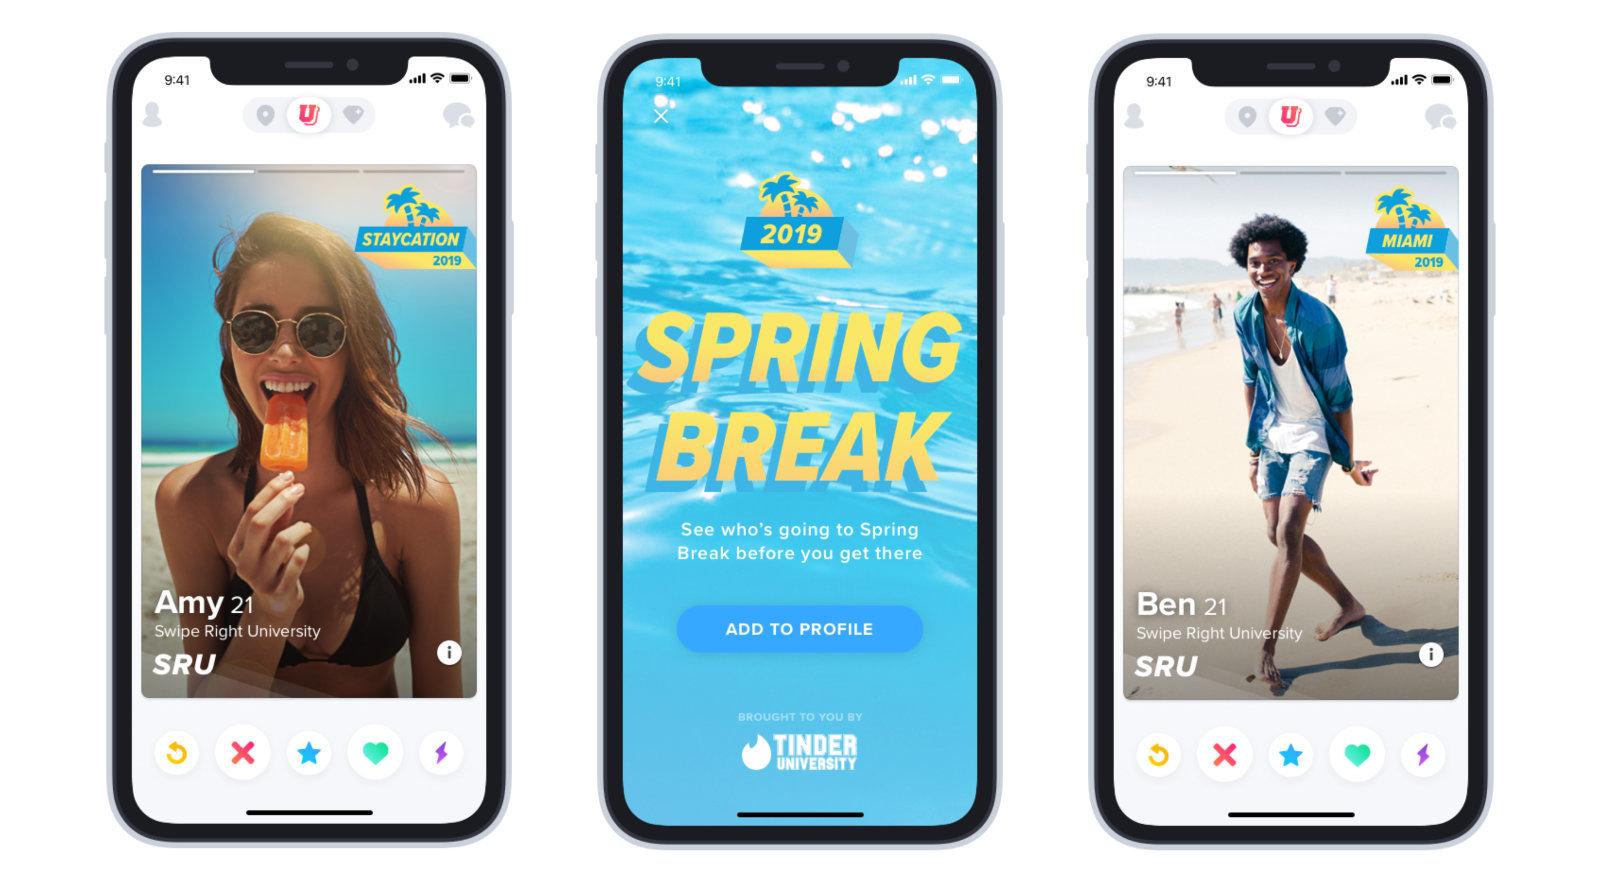 Tinder Introduces 'Spring Break' Mode